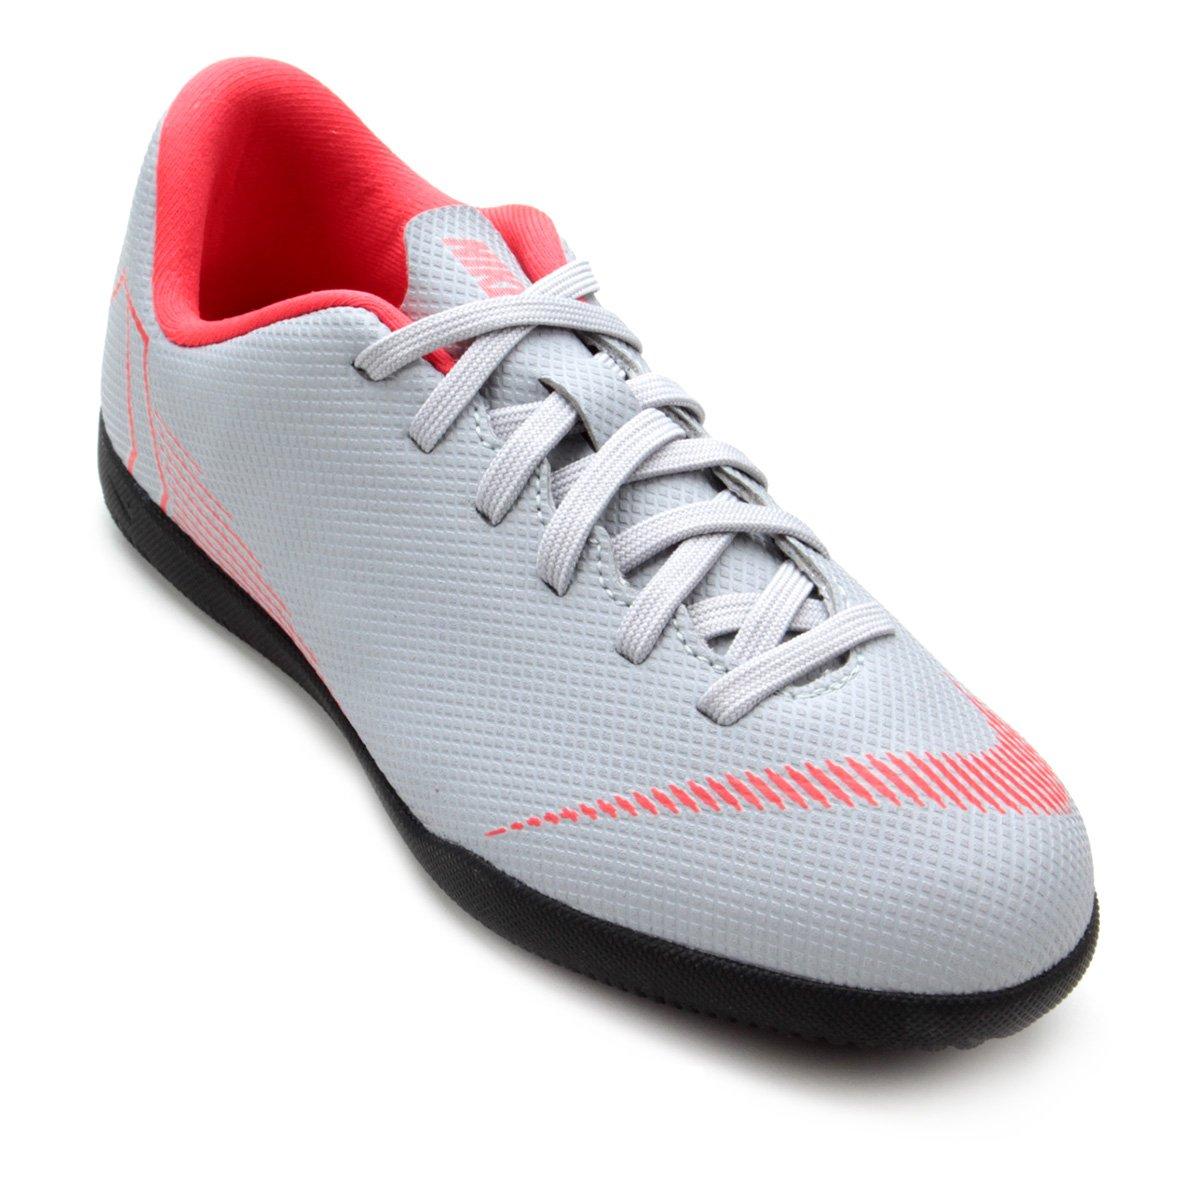 50ab03bb5e6da Chuteira Nike Jr. Mercurial Vapor 12 Club GS IC AH7354-070